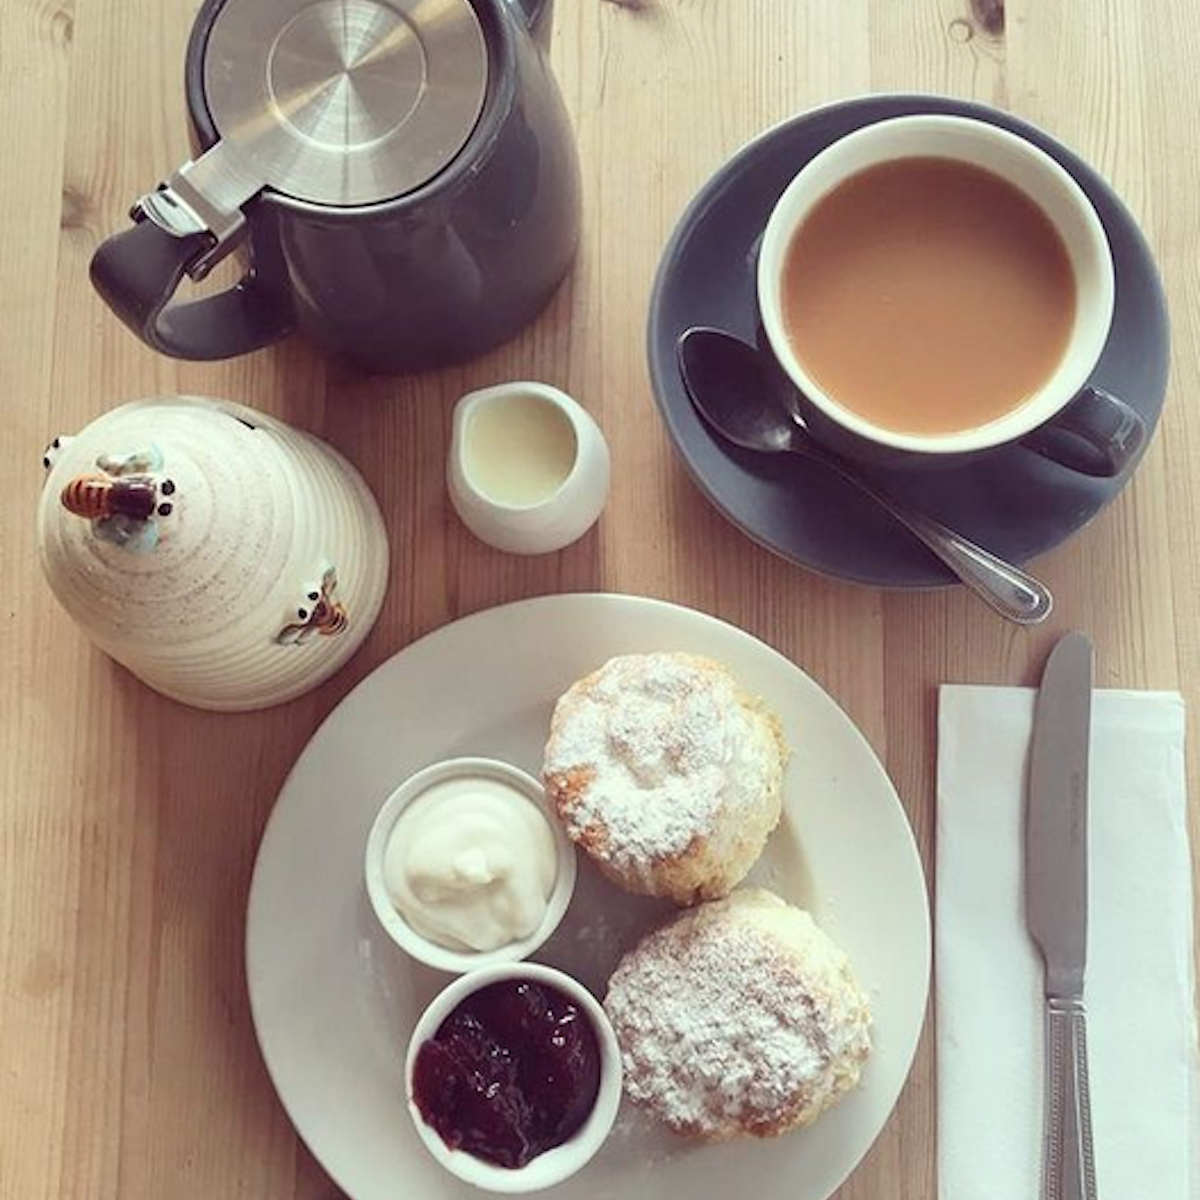 Tea and homemade sweet scones.